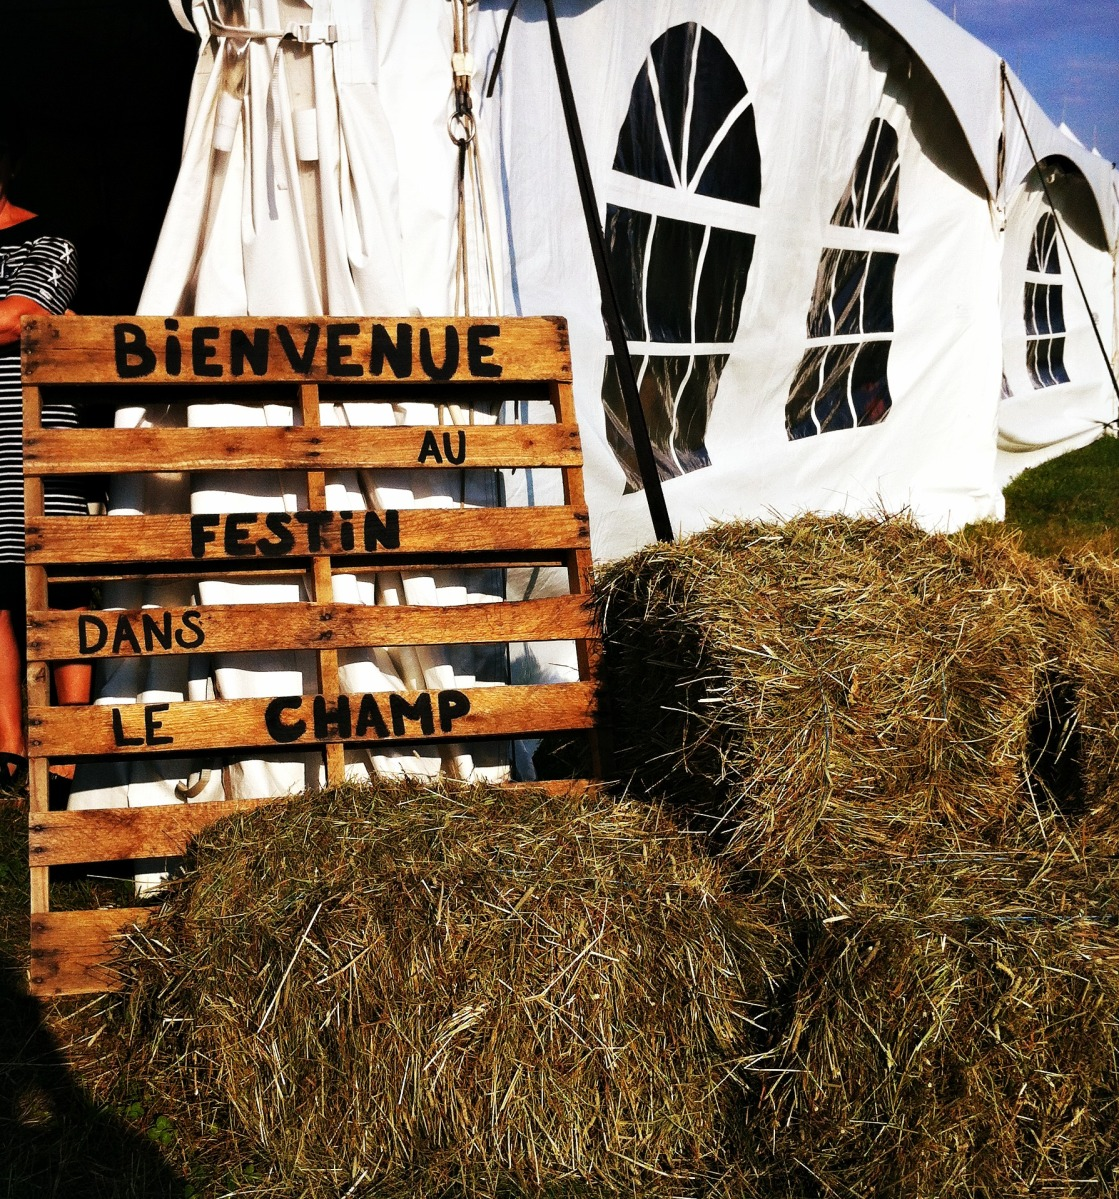 Bienvenue au Festin dans le champ!